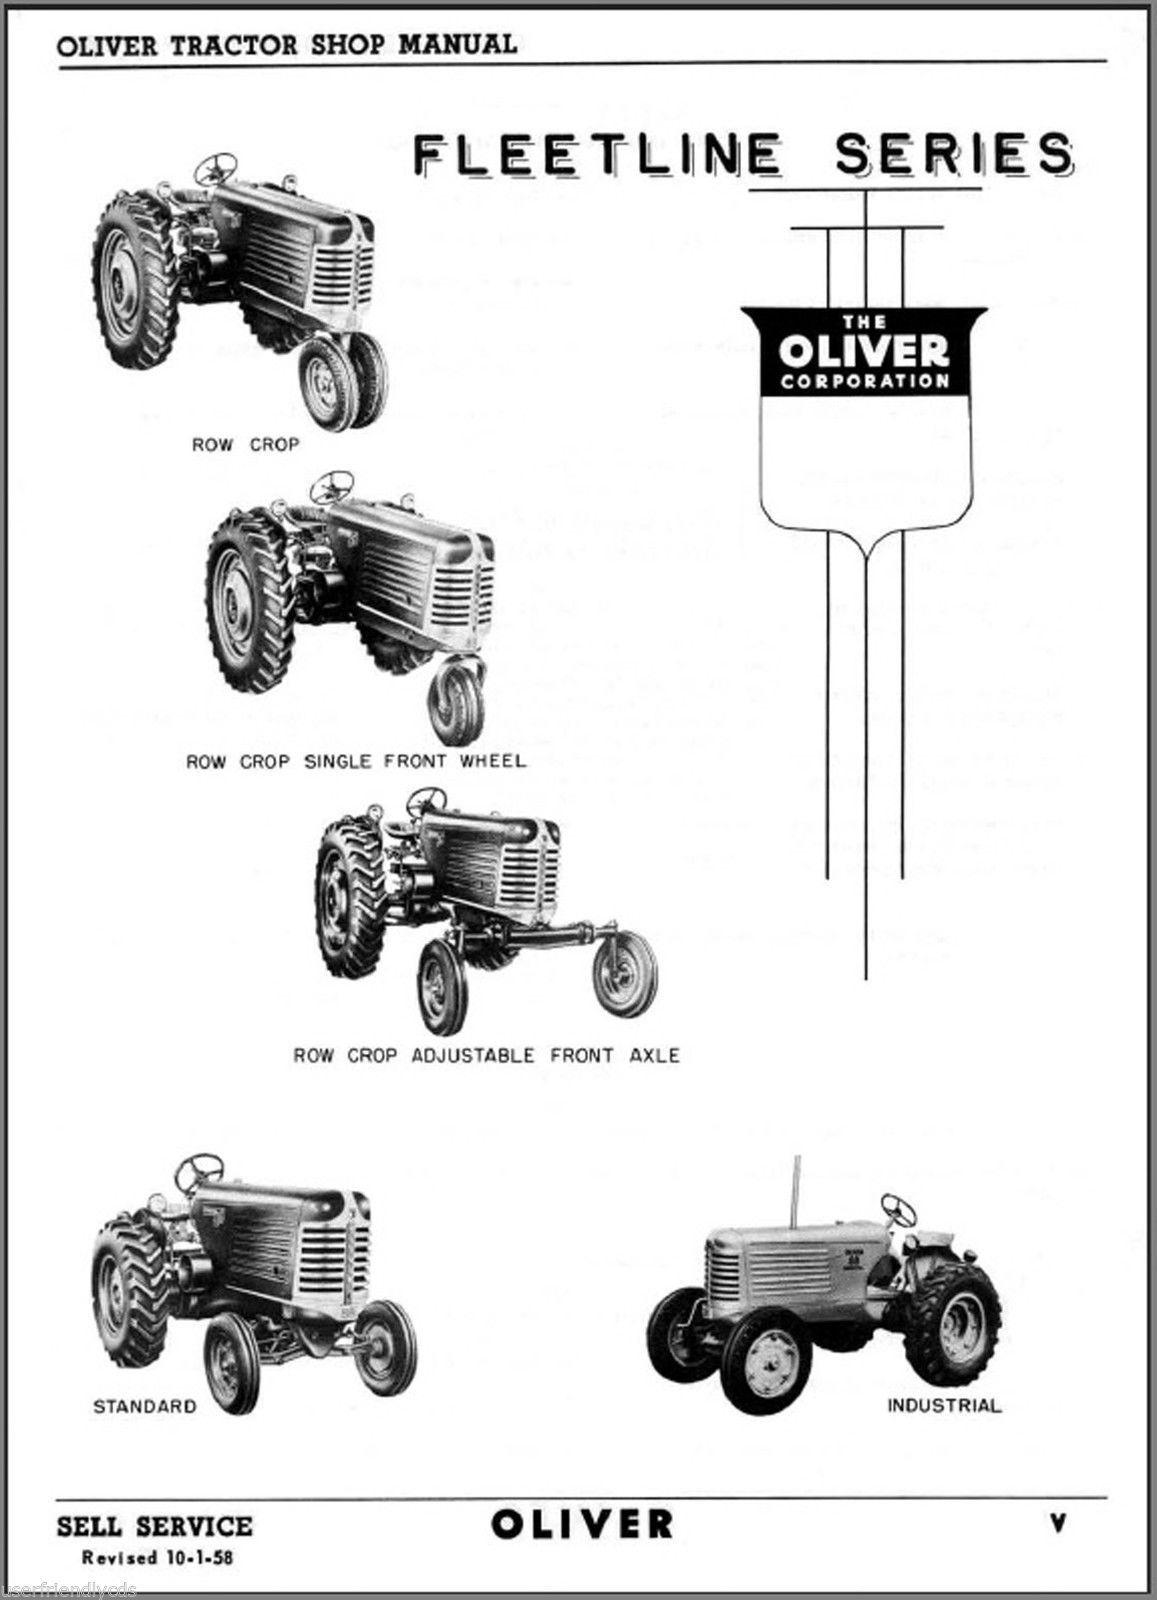 ... Oliver FLEETLINE 66 77 88 SUPER 55 66 77 88 SHOP SERVICE MANUAL -  SEARCHABLE DVD ...